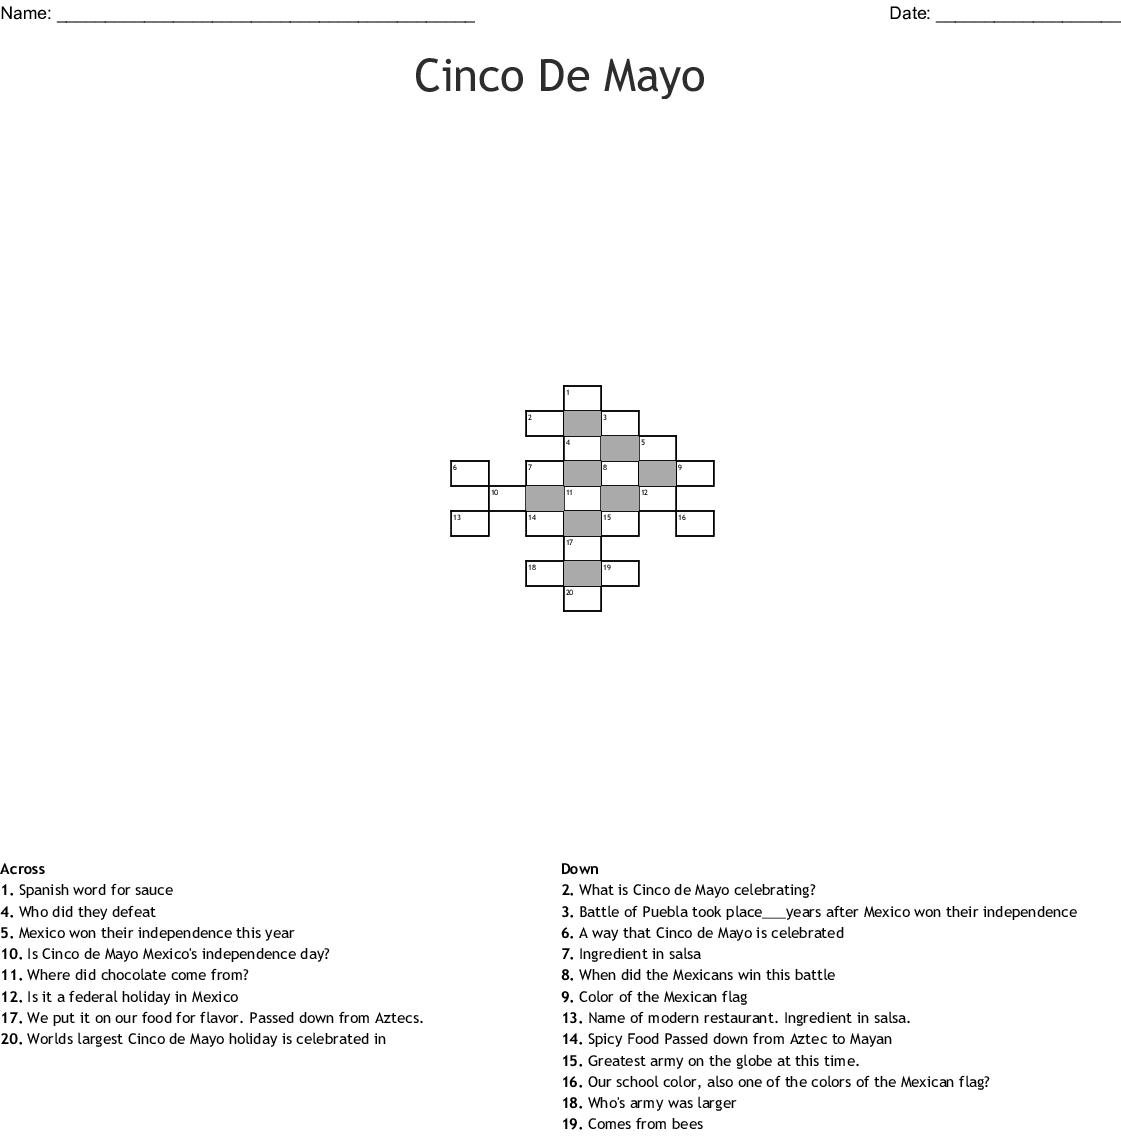 Cinco De Mayo Crossword - WordMint